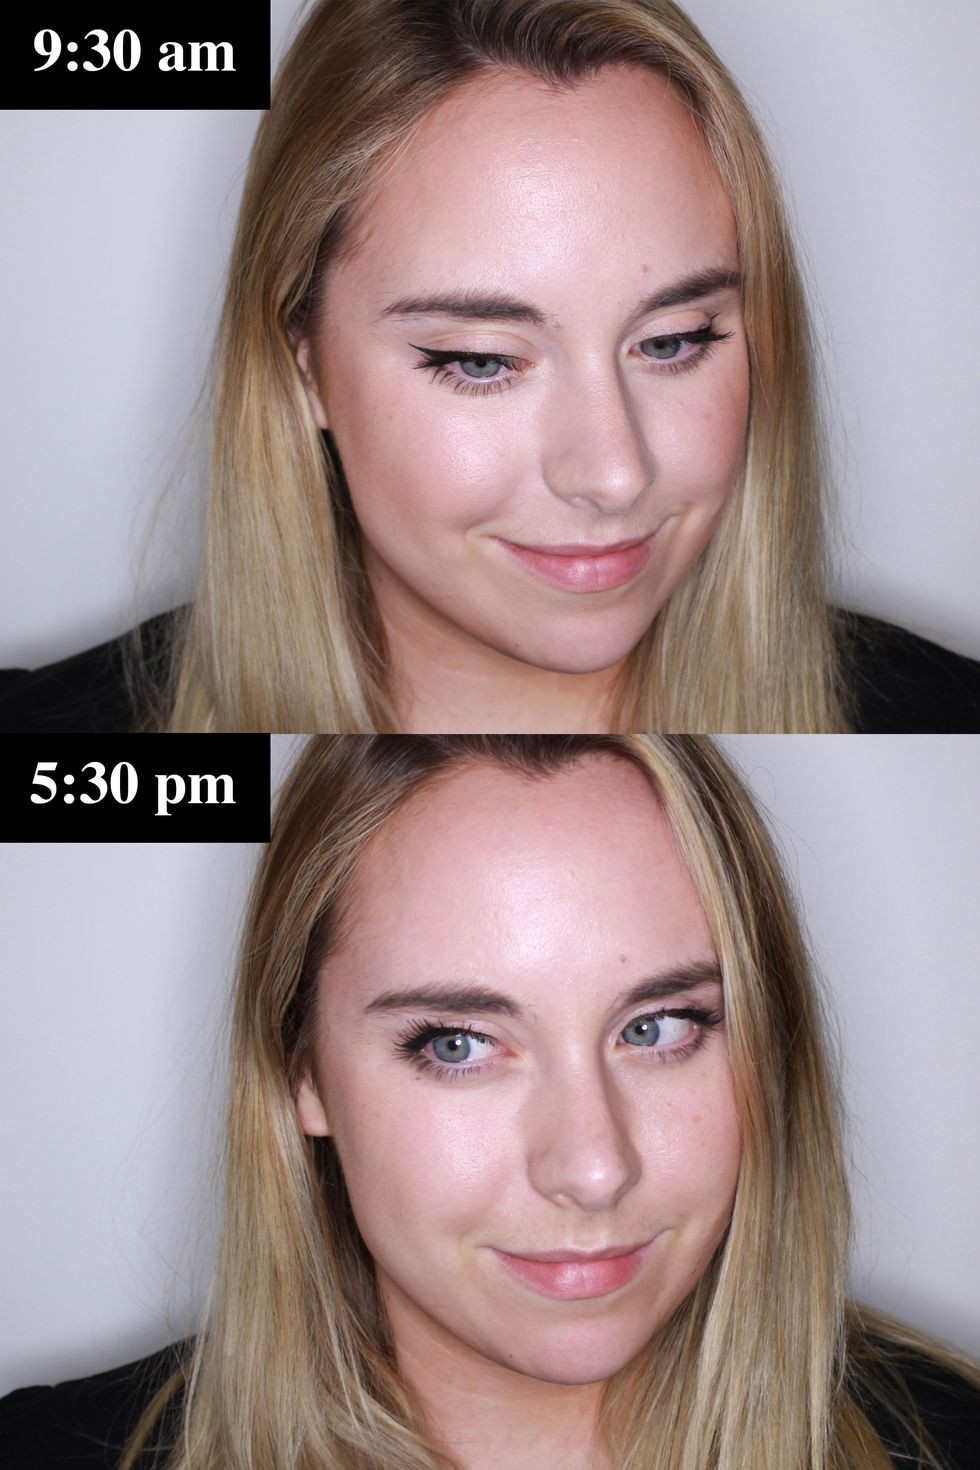 9 loại xịt trang điểm hot nhất hiện nay và review có tâm từ các beauty editor sẽ giúp bạn tìm ra sản phẩm hoàn hảo cho mình - Ảnh 14.